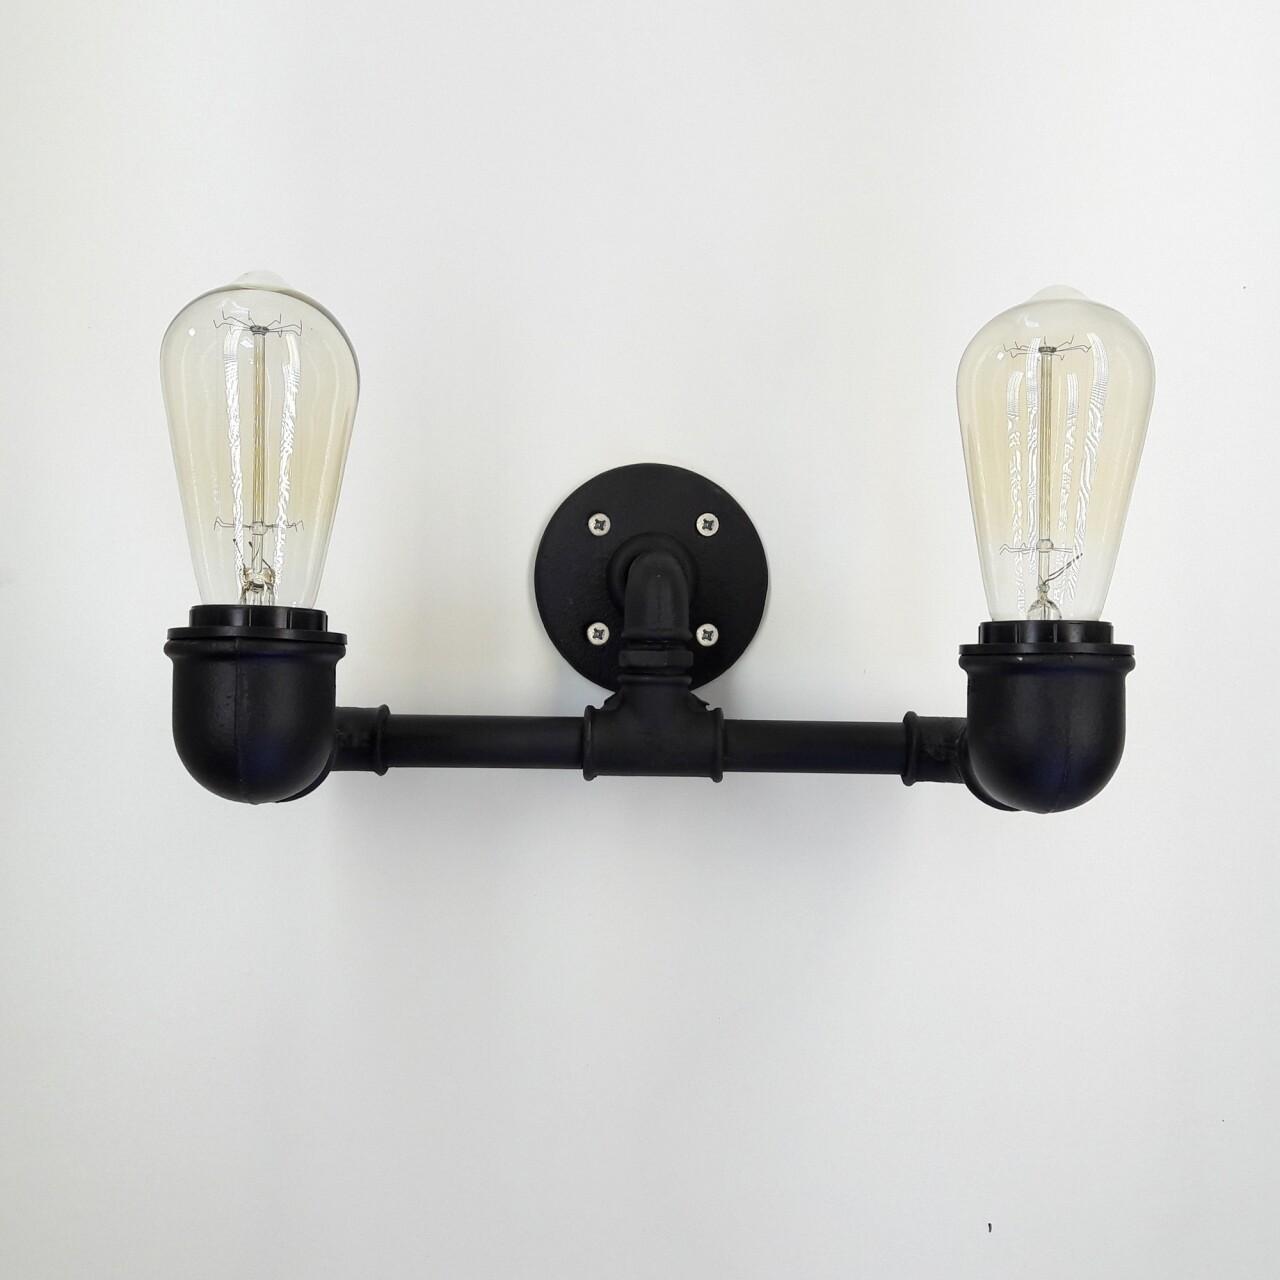 Aplica de perete All Design, metal, 32x14x17 cm, Upward Black